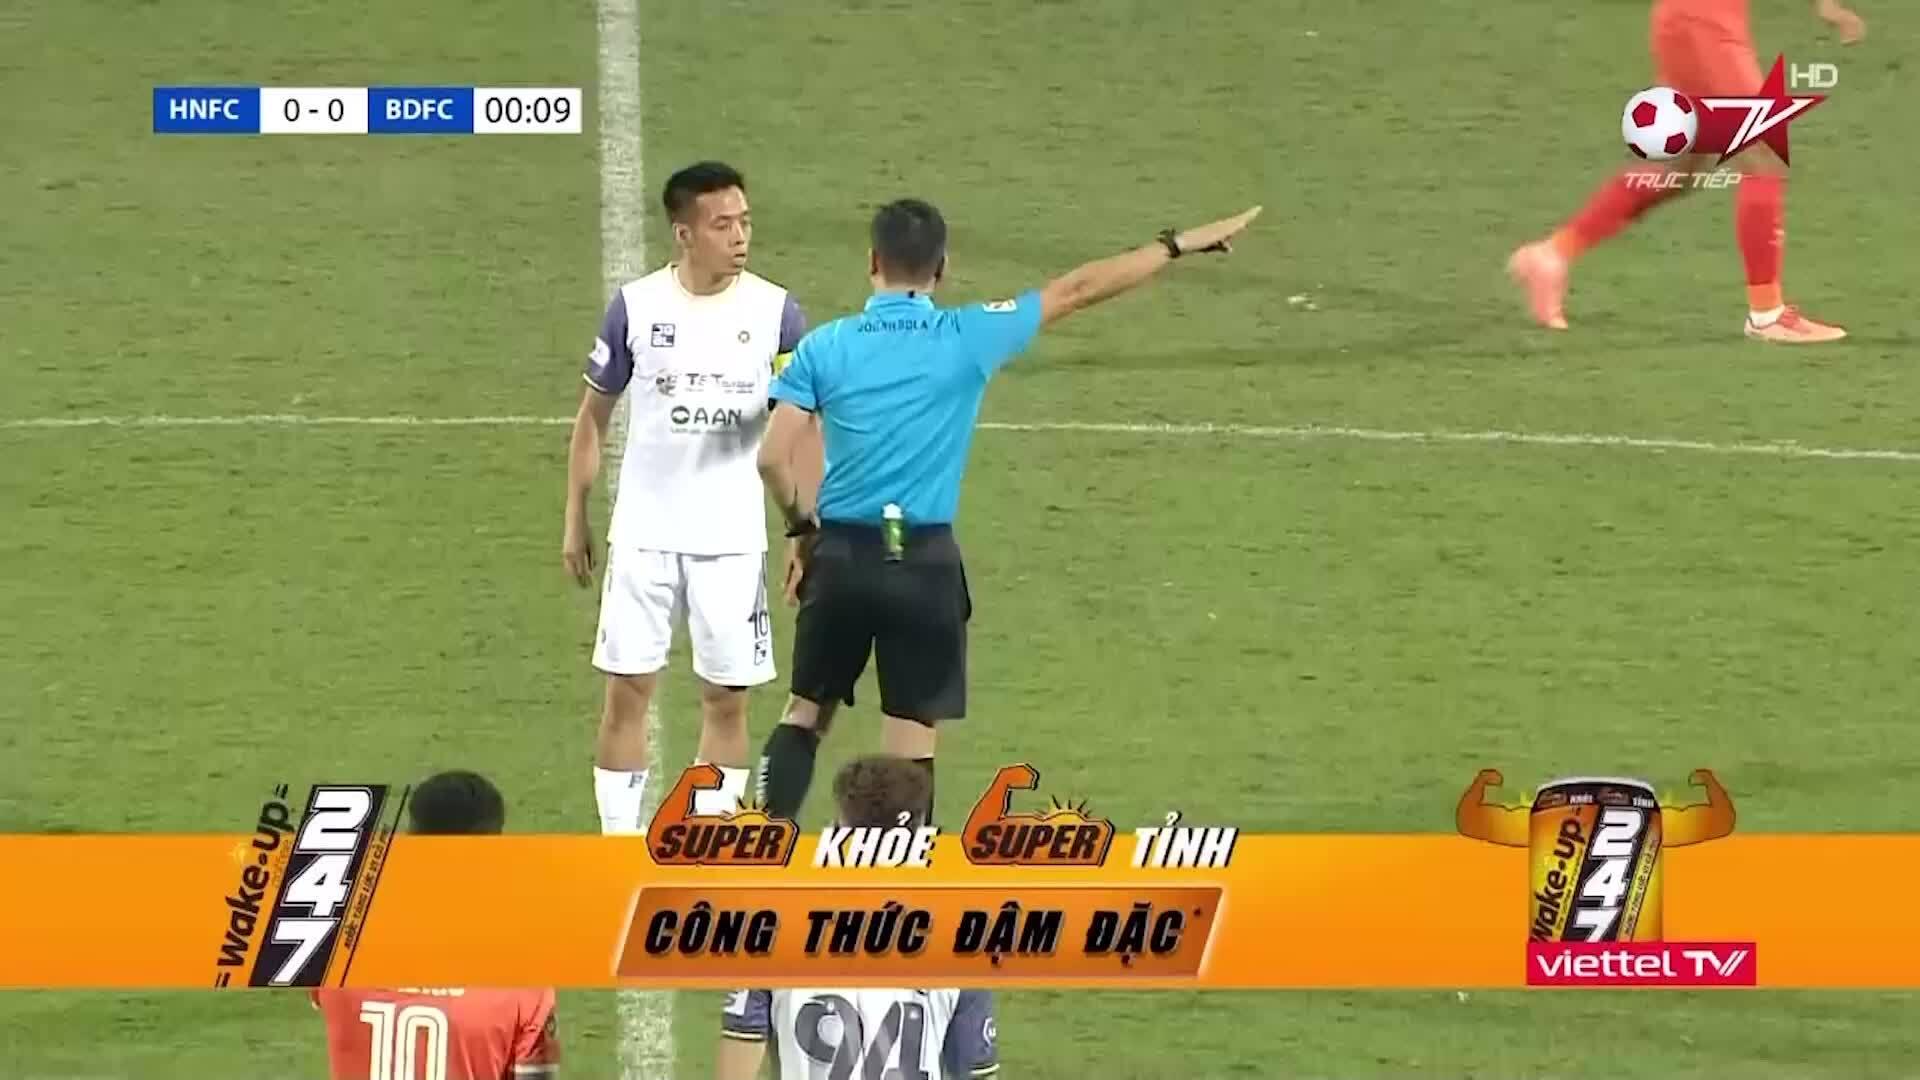 Hà Nội 0-1 Bình Định